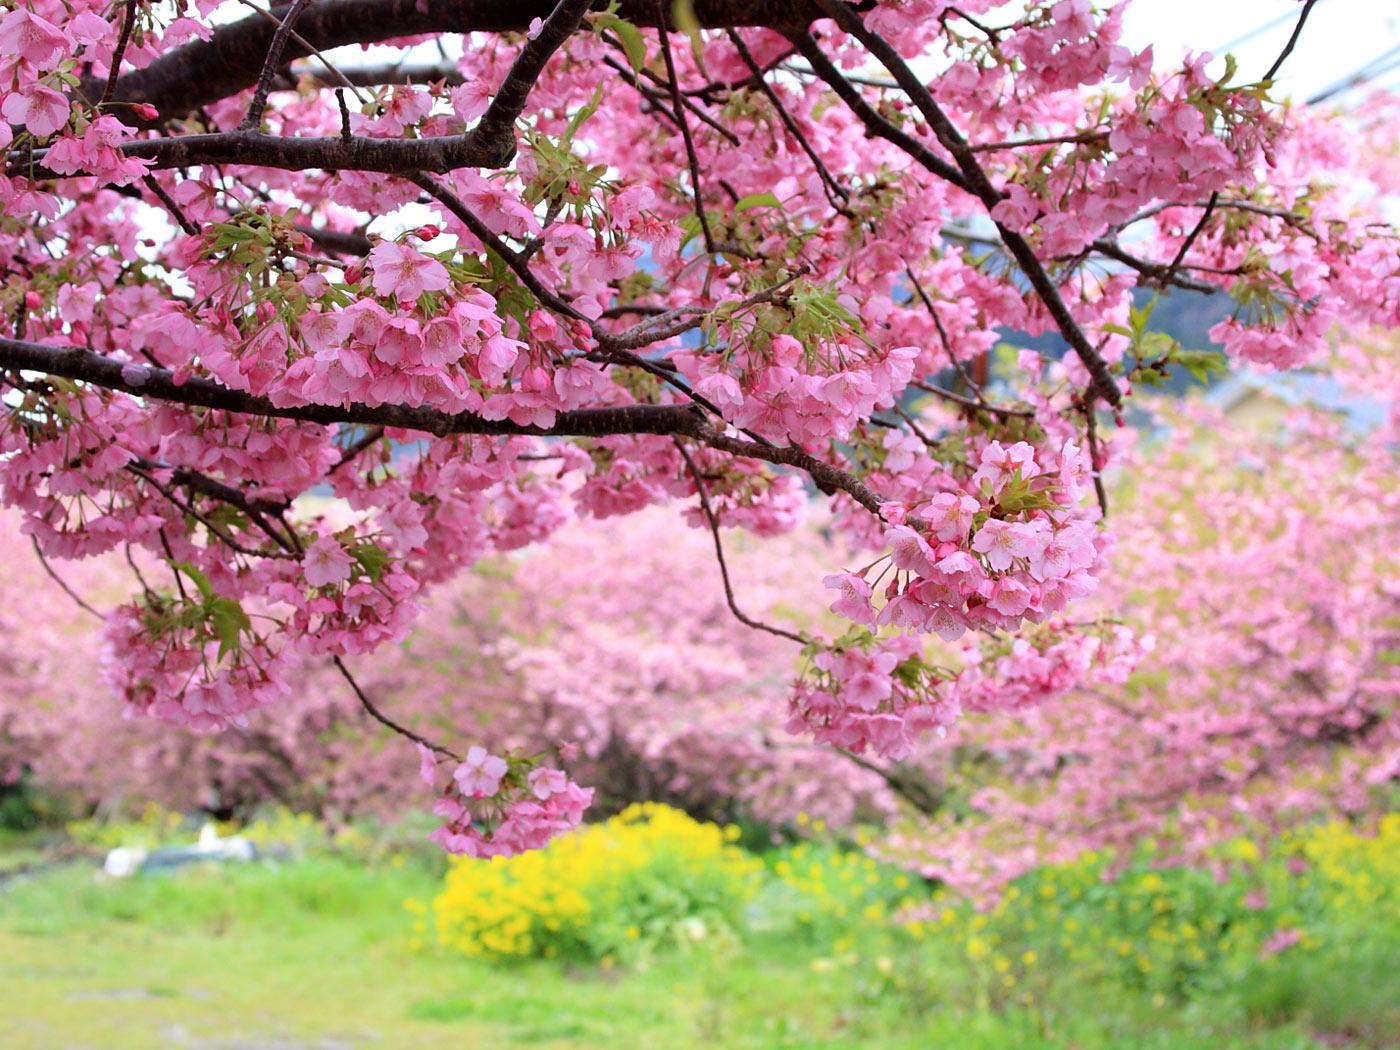 河津桜 かじやの桜 は名桜の風格あり 壁紙自然派 楽天ブログ